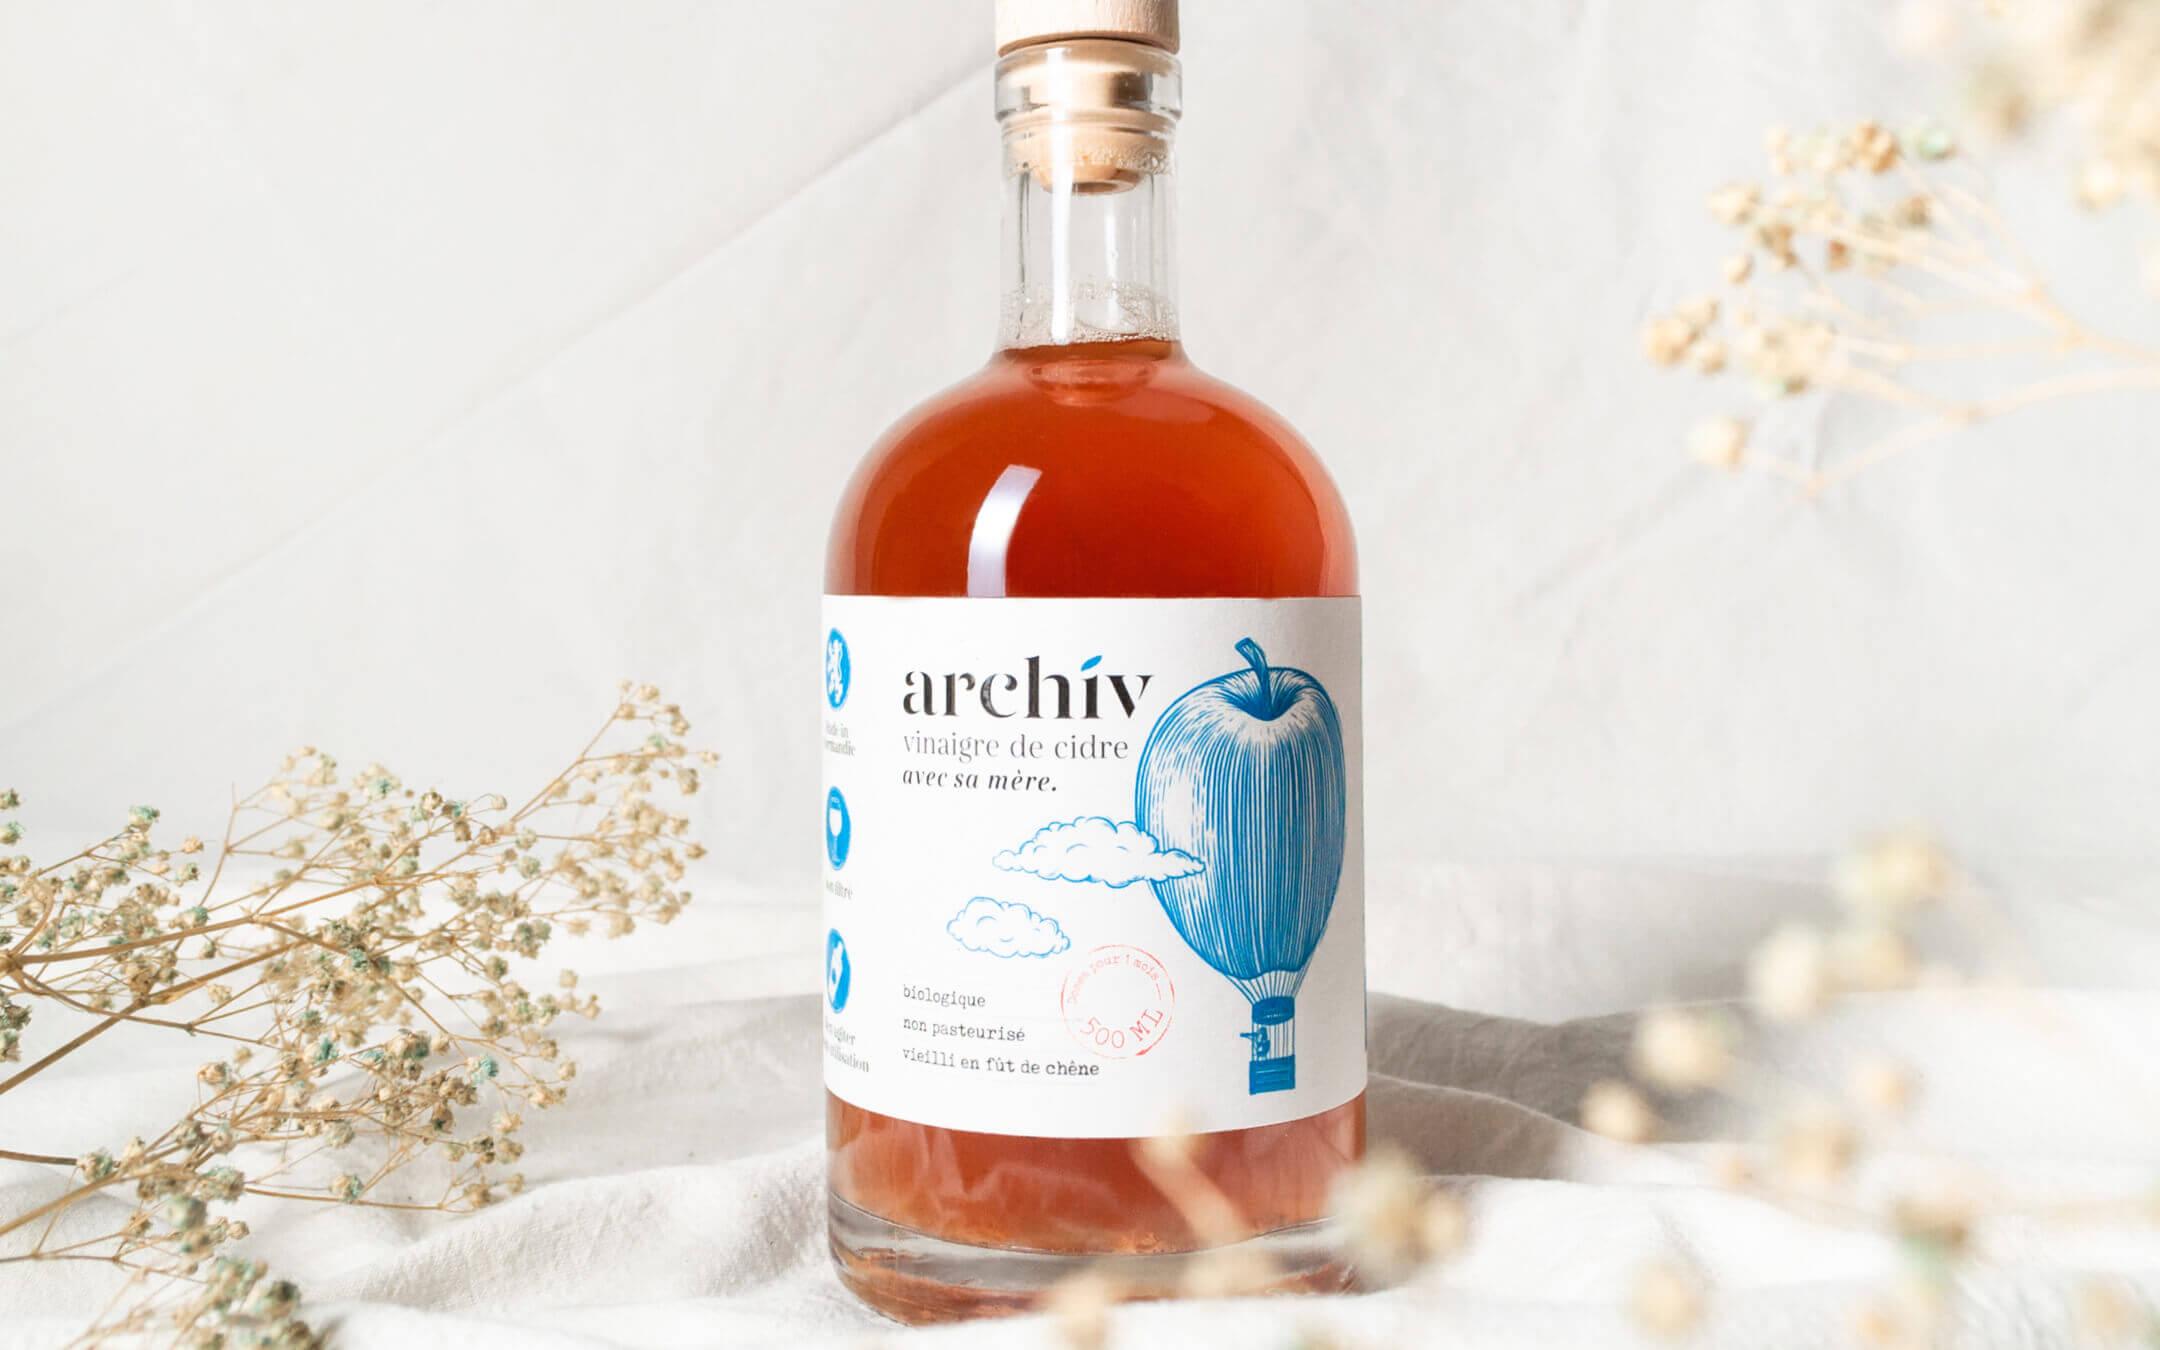 Bouteille de vinaigre de cidre ArchiV